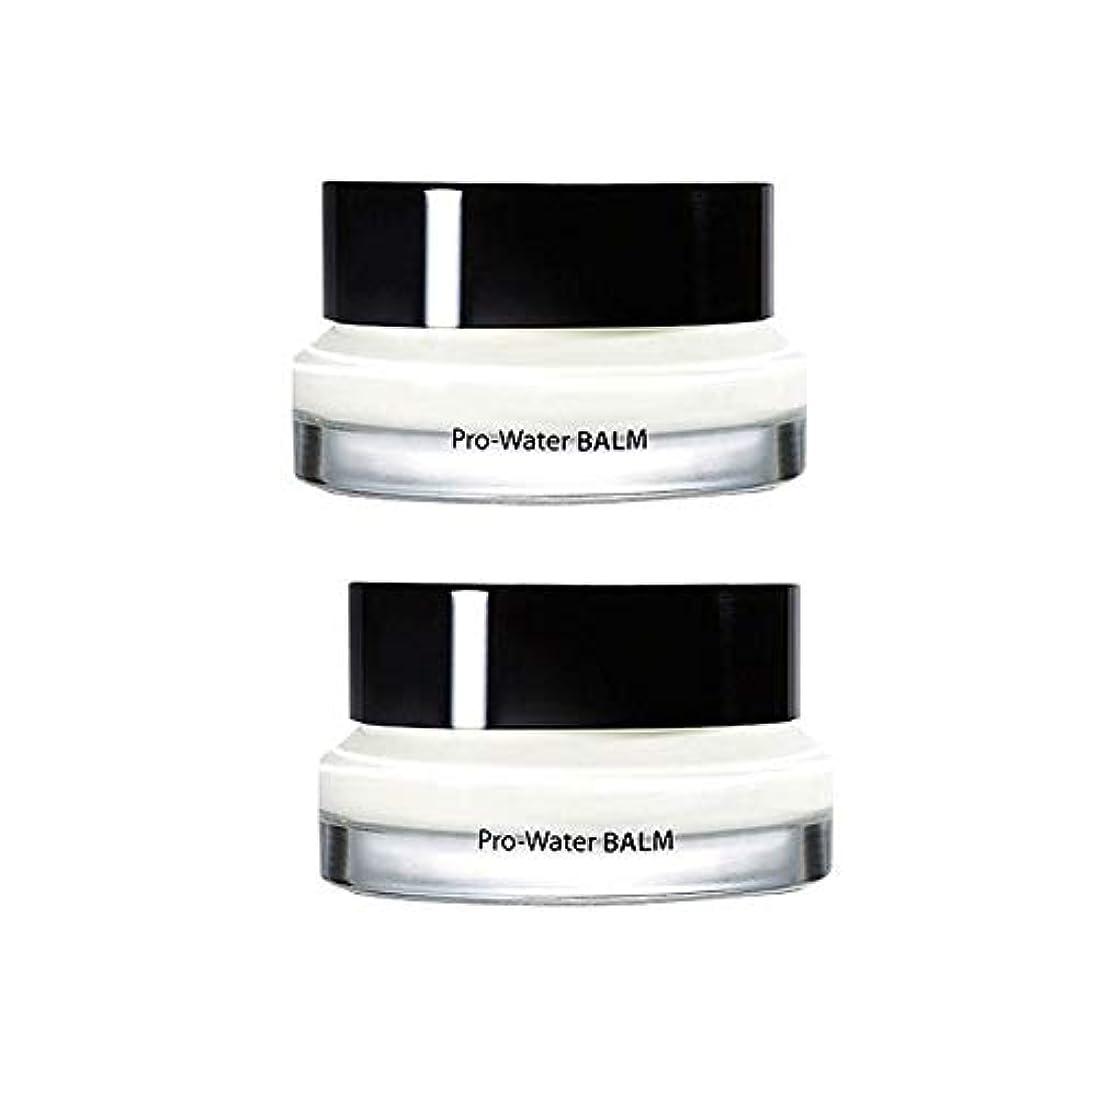 レンディションバッグハイキングルナプロウォーターbalm 50mlx2本セット韓国コスメ、Luna Pro-Water Balm 50ml x 2ea Set Korean Cosmetics [並行輸入品]